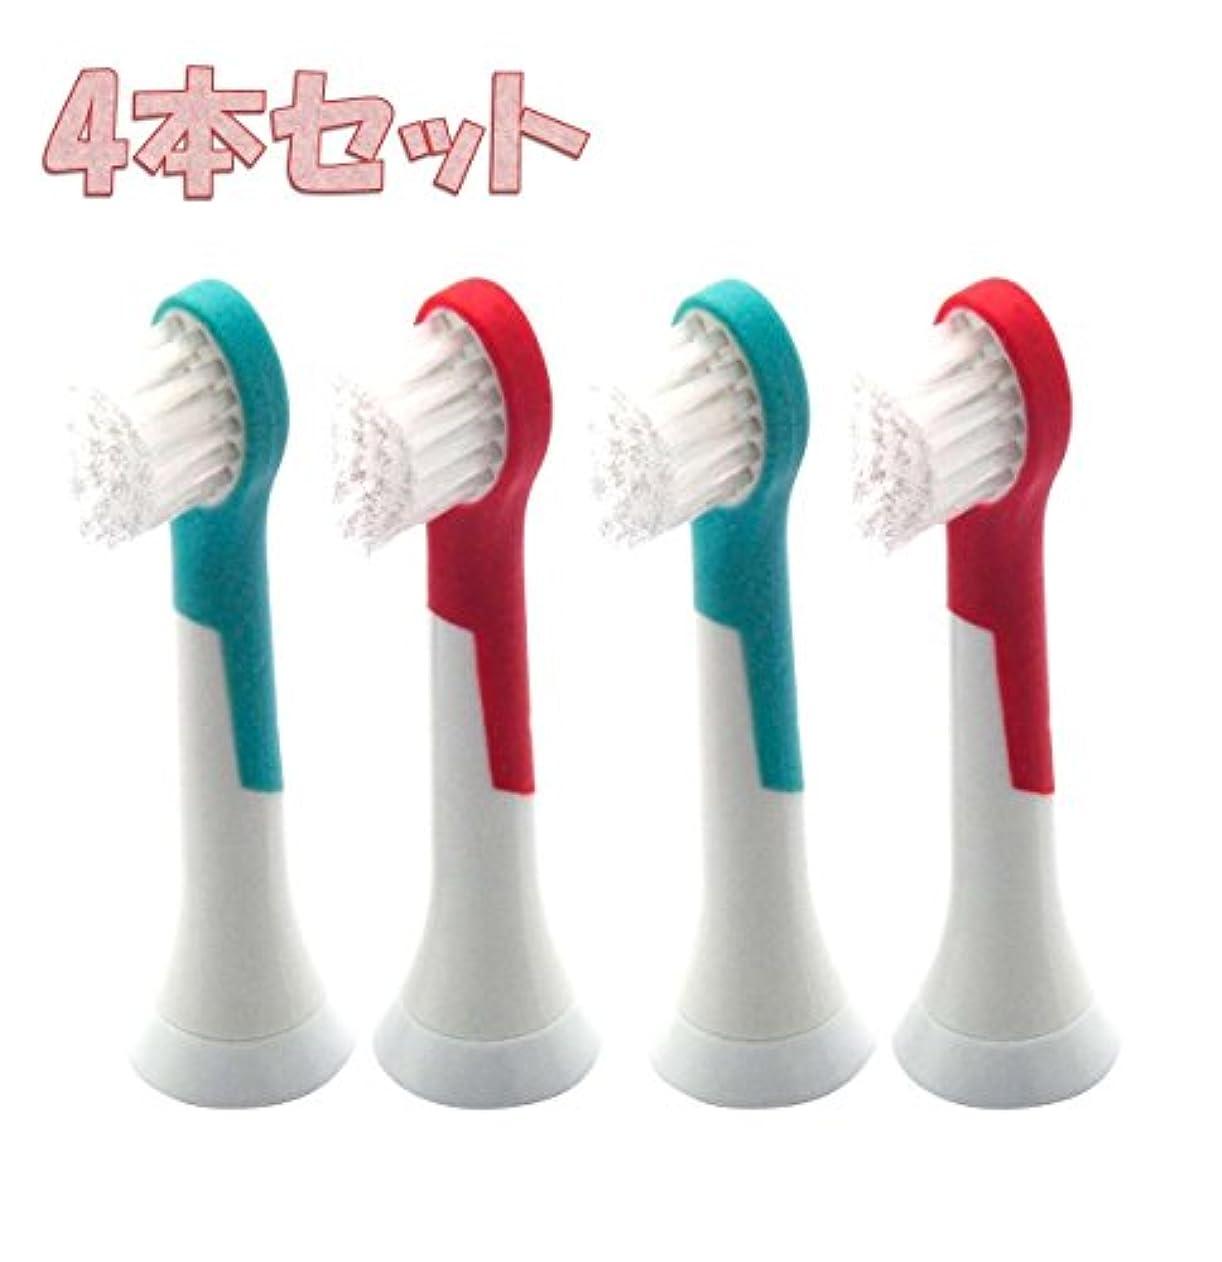 鷲適応する逃げるHX6034 替え歯ブラシ 互換 4本セット PHILIPS フィリップス ソニッケアー キッズ 4才以上用